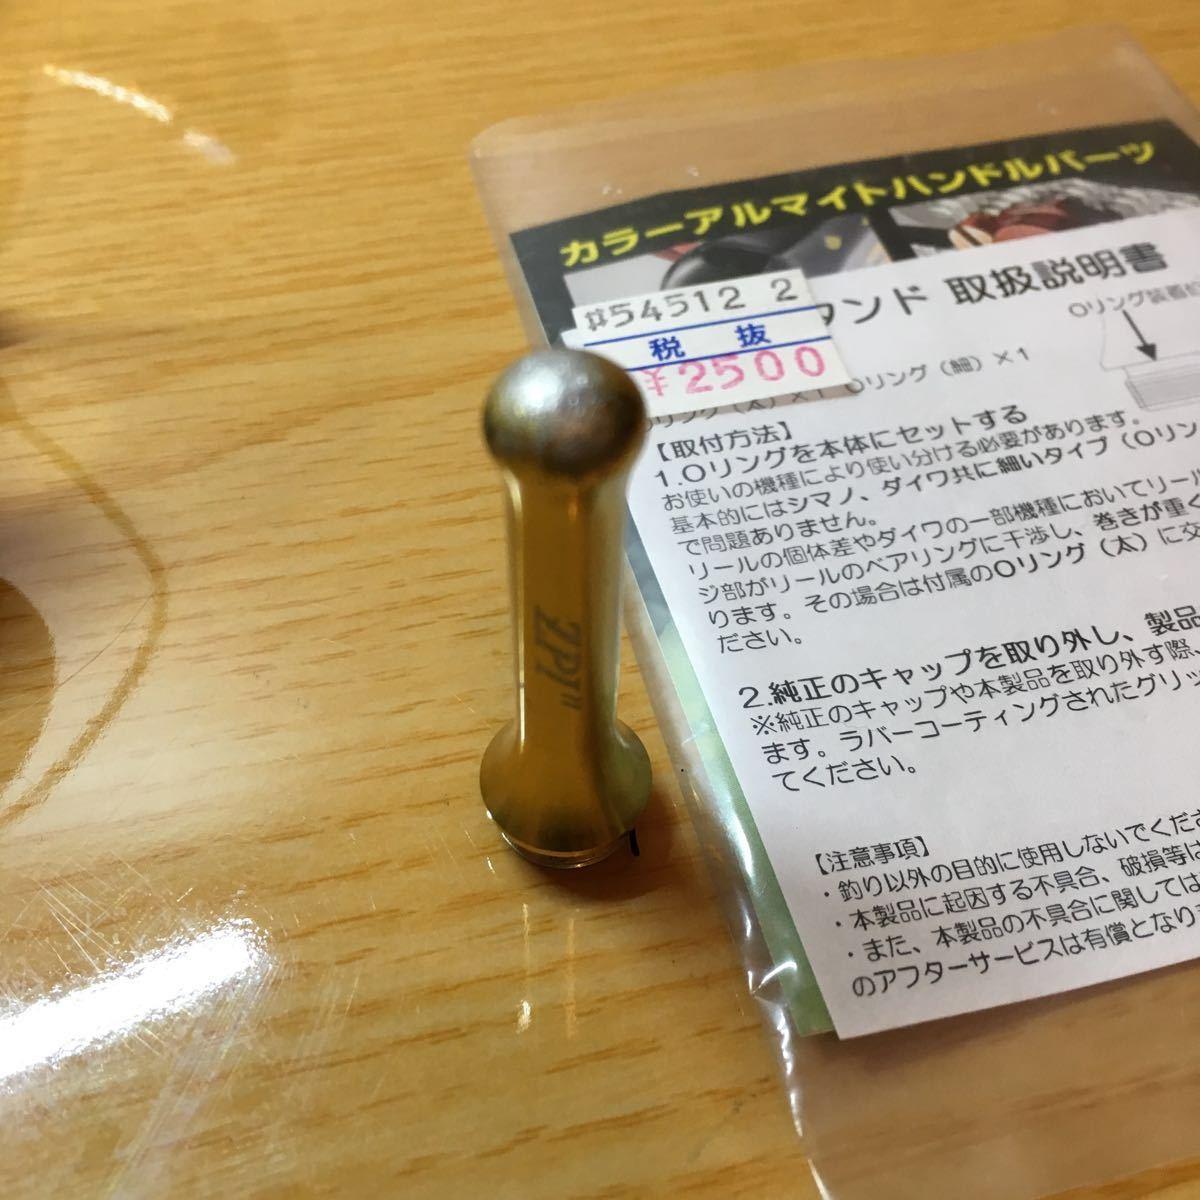 14ステラC3000HG 夢屋スプールPE1215 MTCWチタンラインローラー その他_画像9